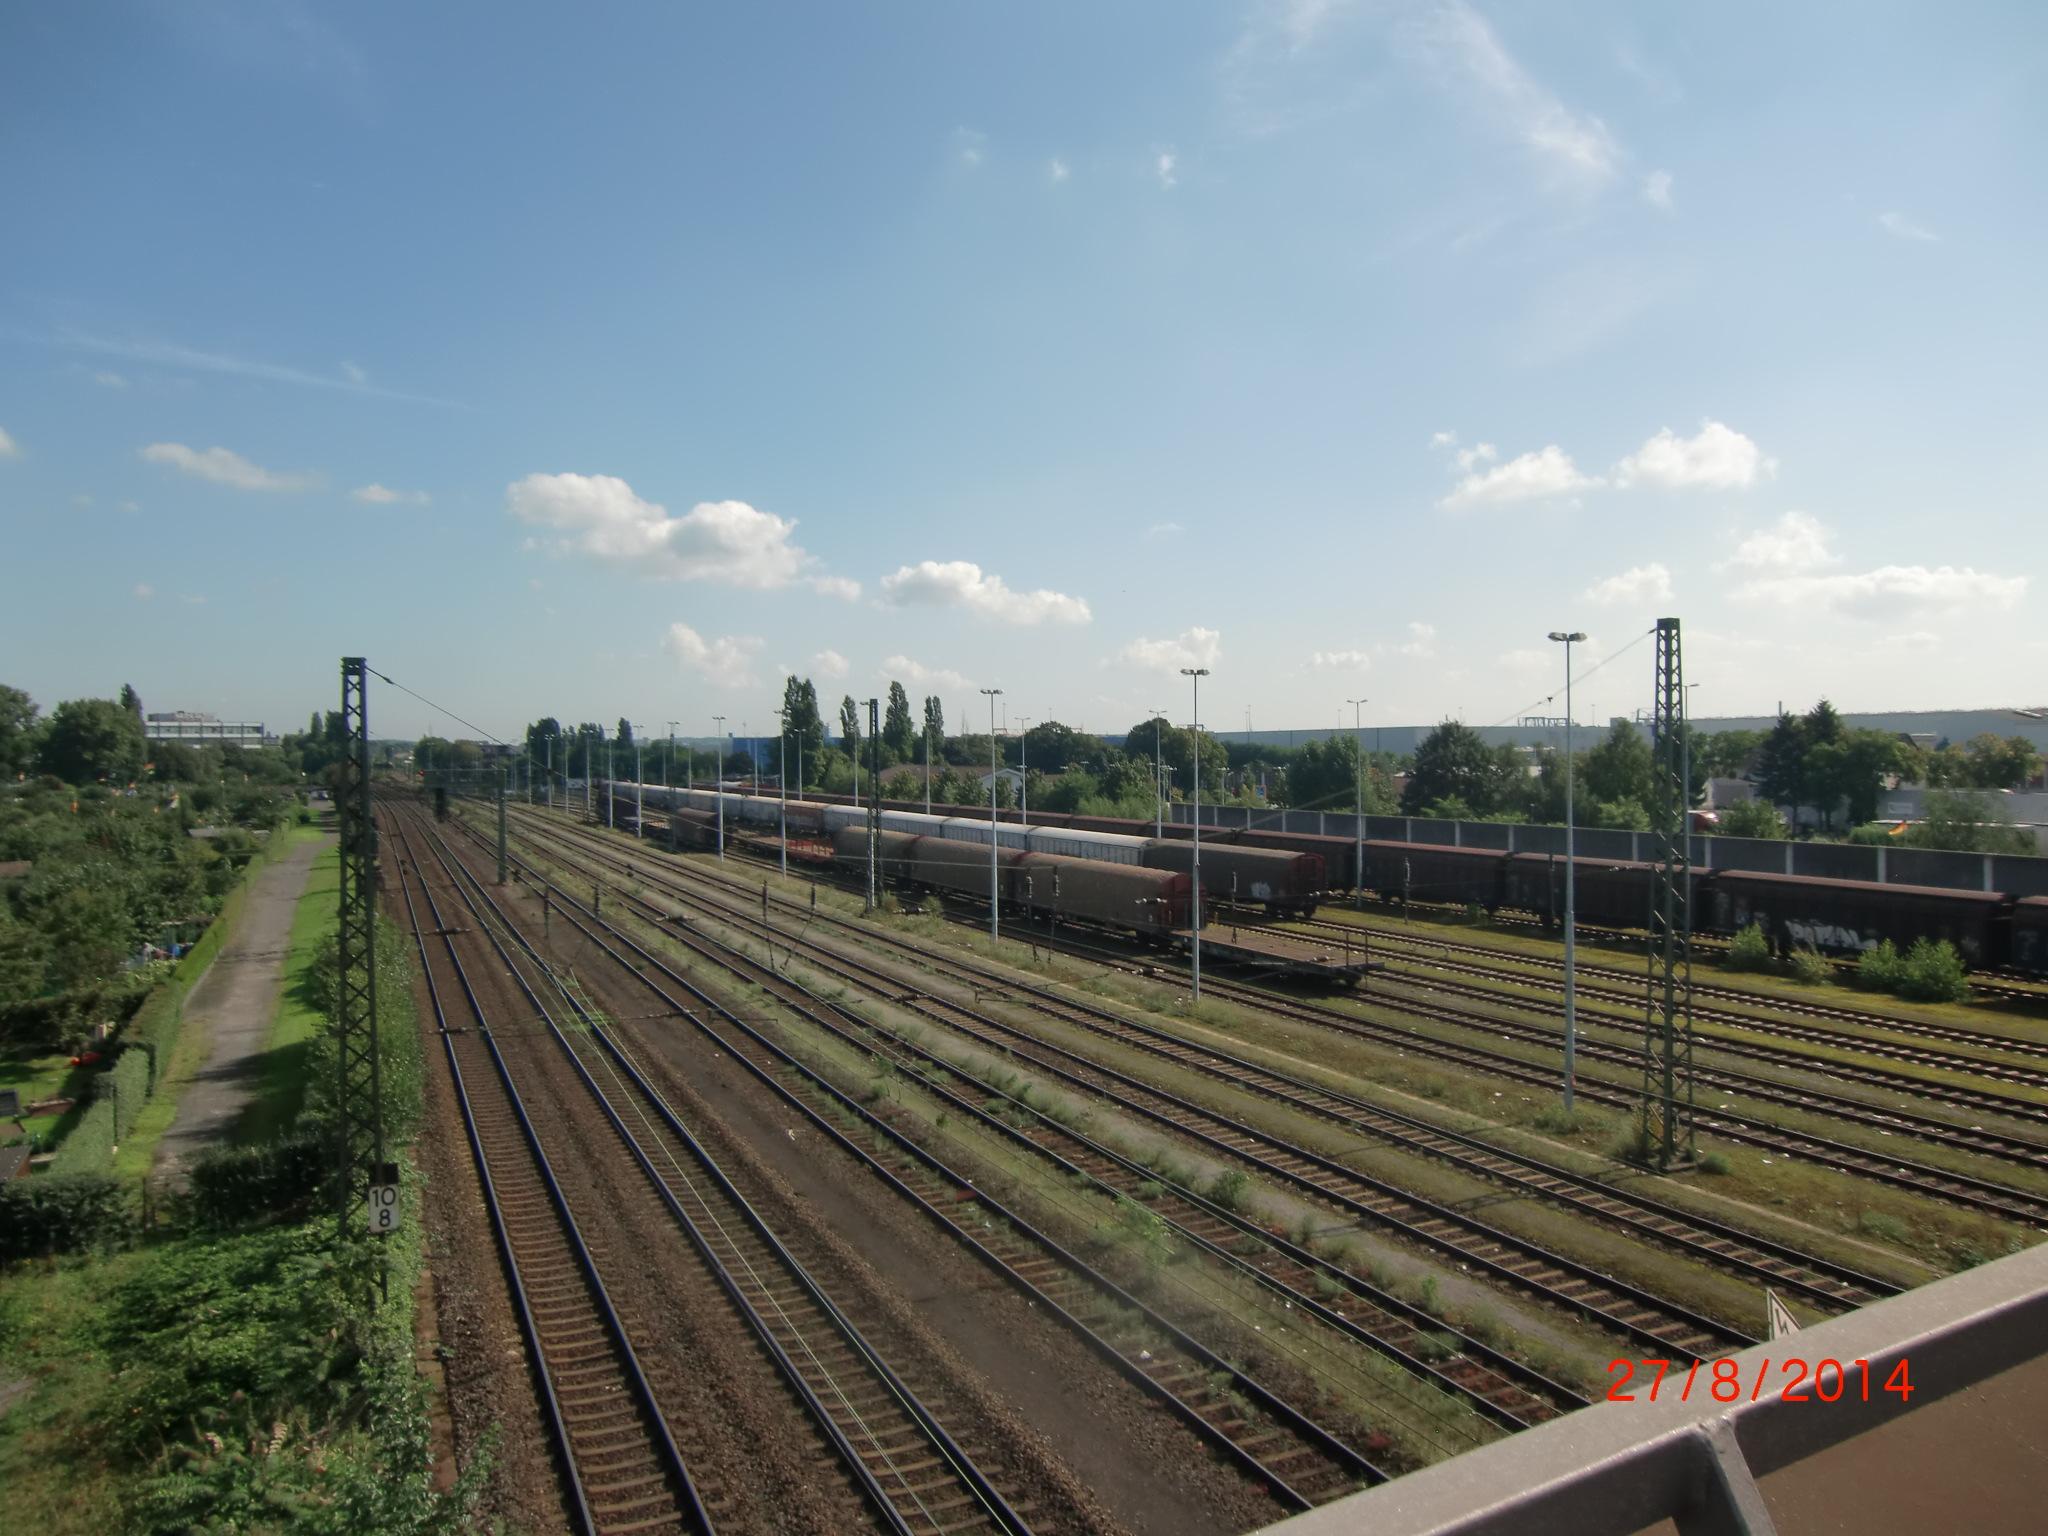 Blick von der Gaterwegbrücke nach Osten auf die Strecke Richtung Rheinbrücke -- rechts sehen Sie die Anschlußgleise für Logport 1